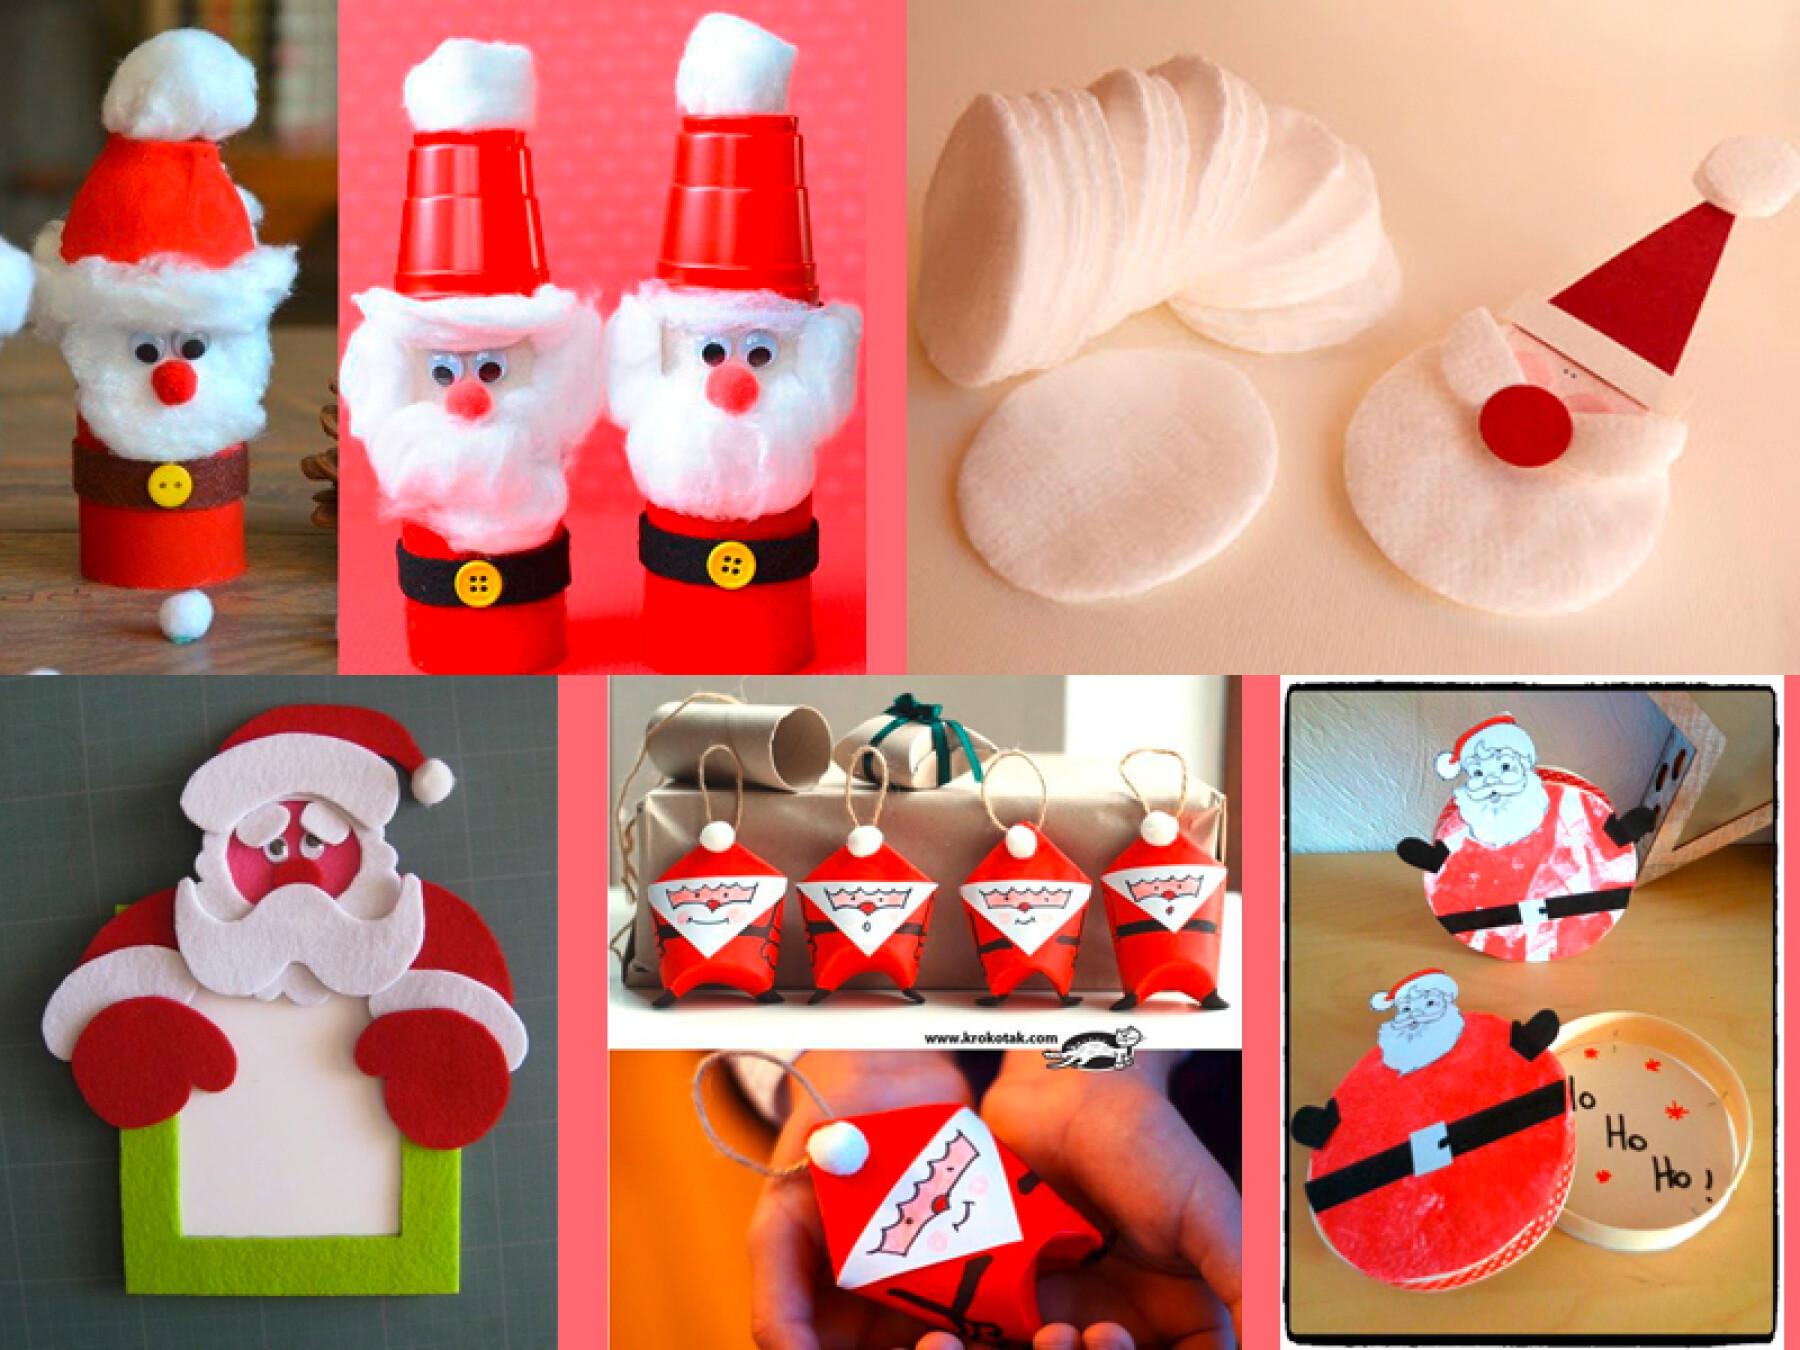 bricolages de Père Noël